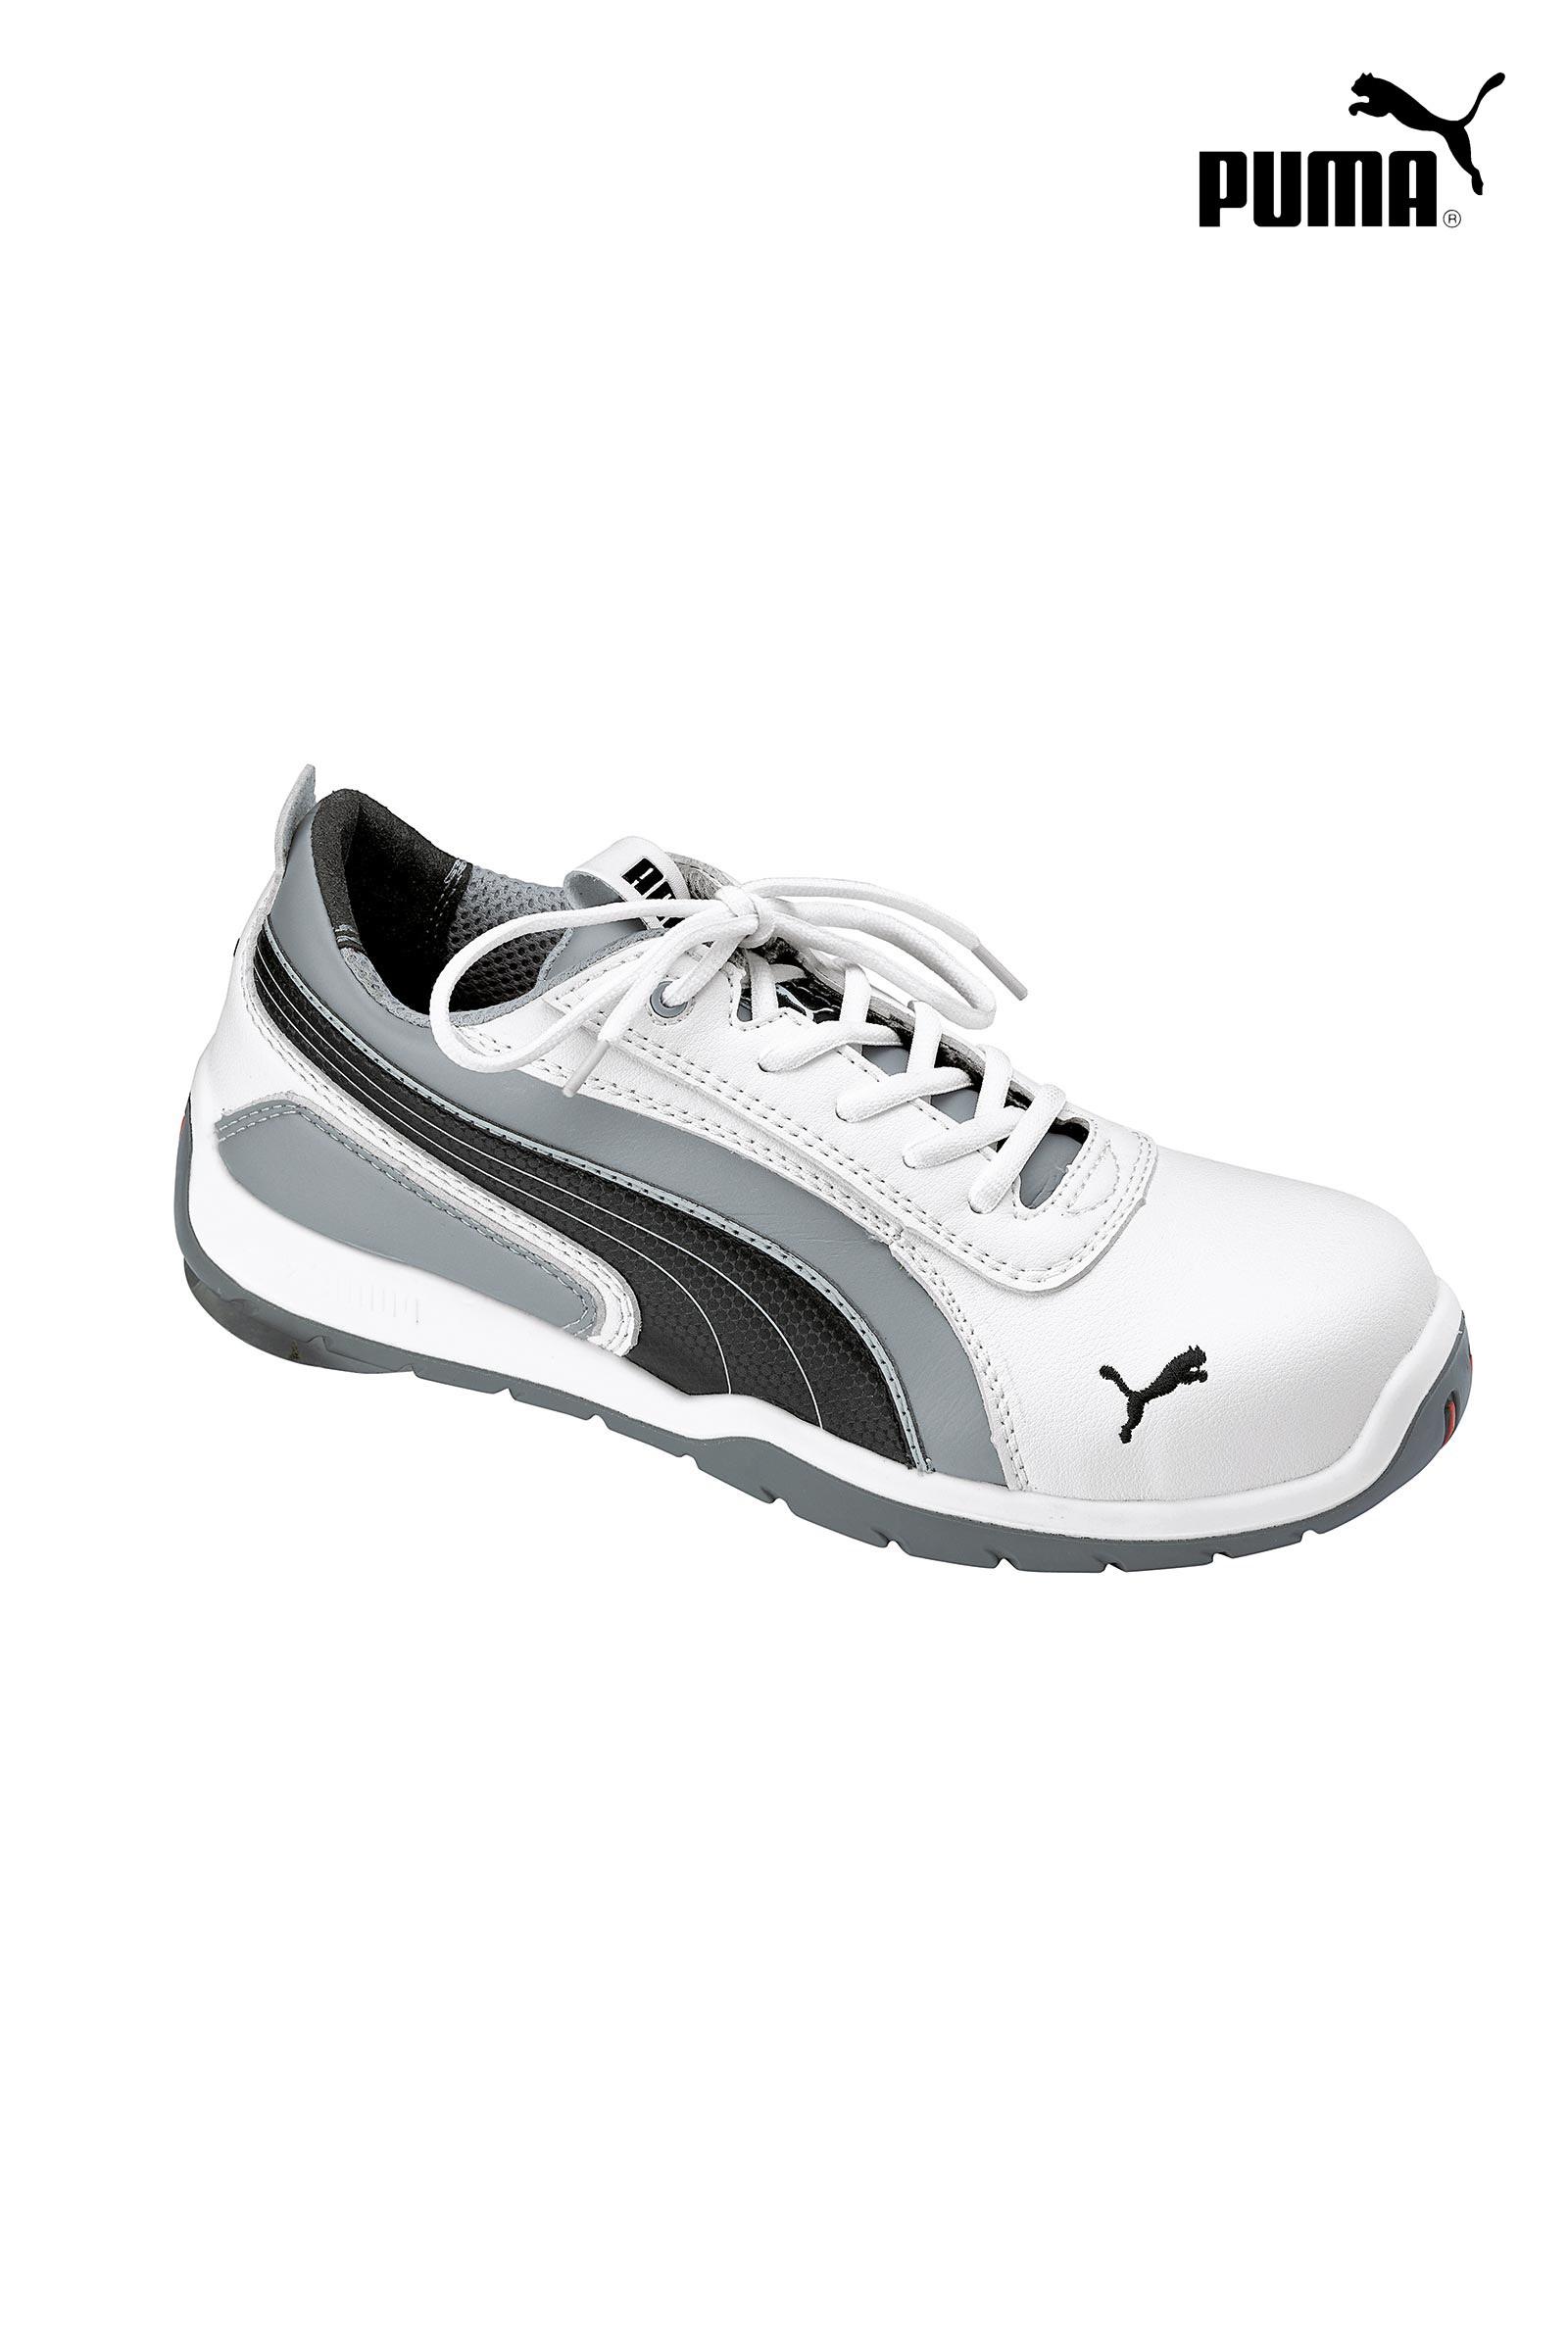 design intemporel df761 743c9 chaussures de cuisine noir cat s2,chaussure de securite ...